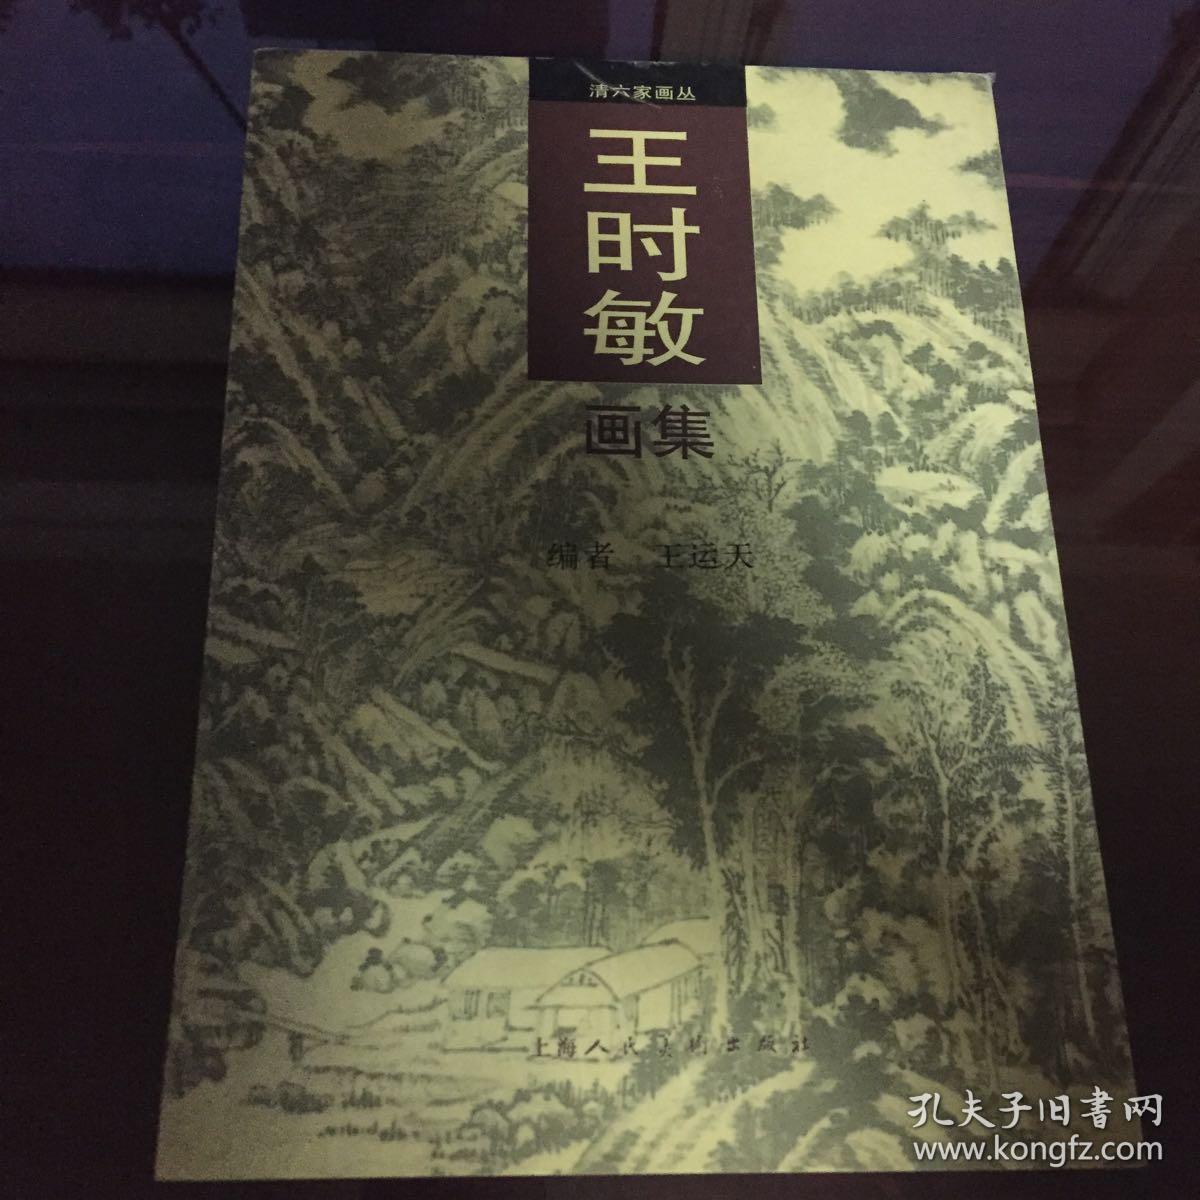 清六家画丛 王时敏 画集